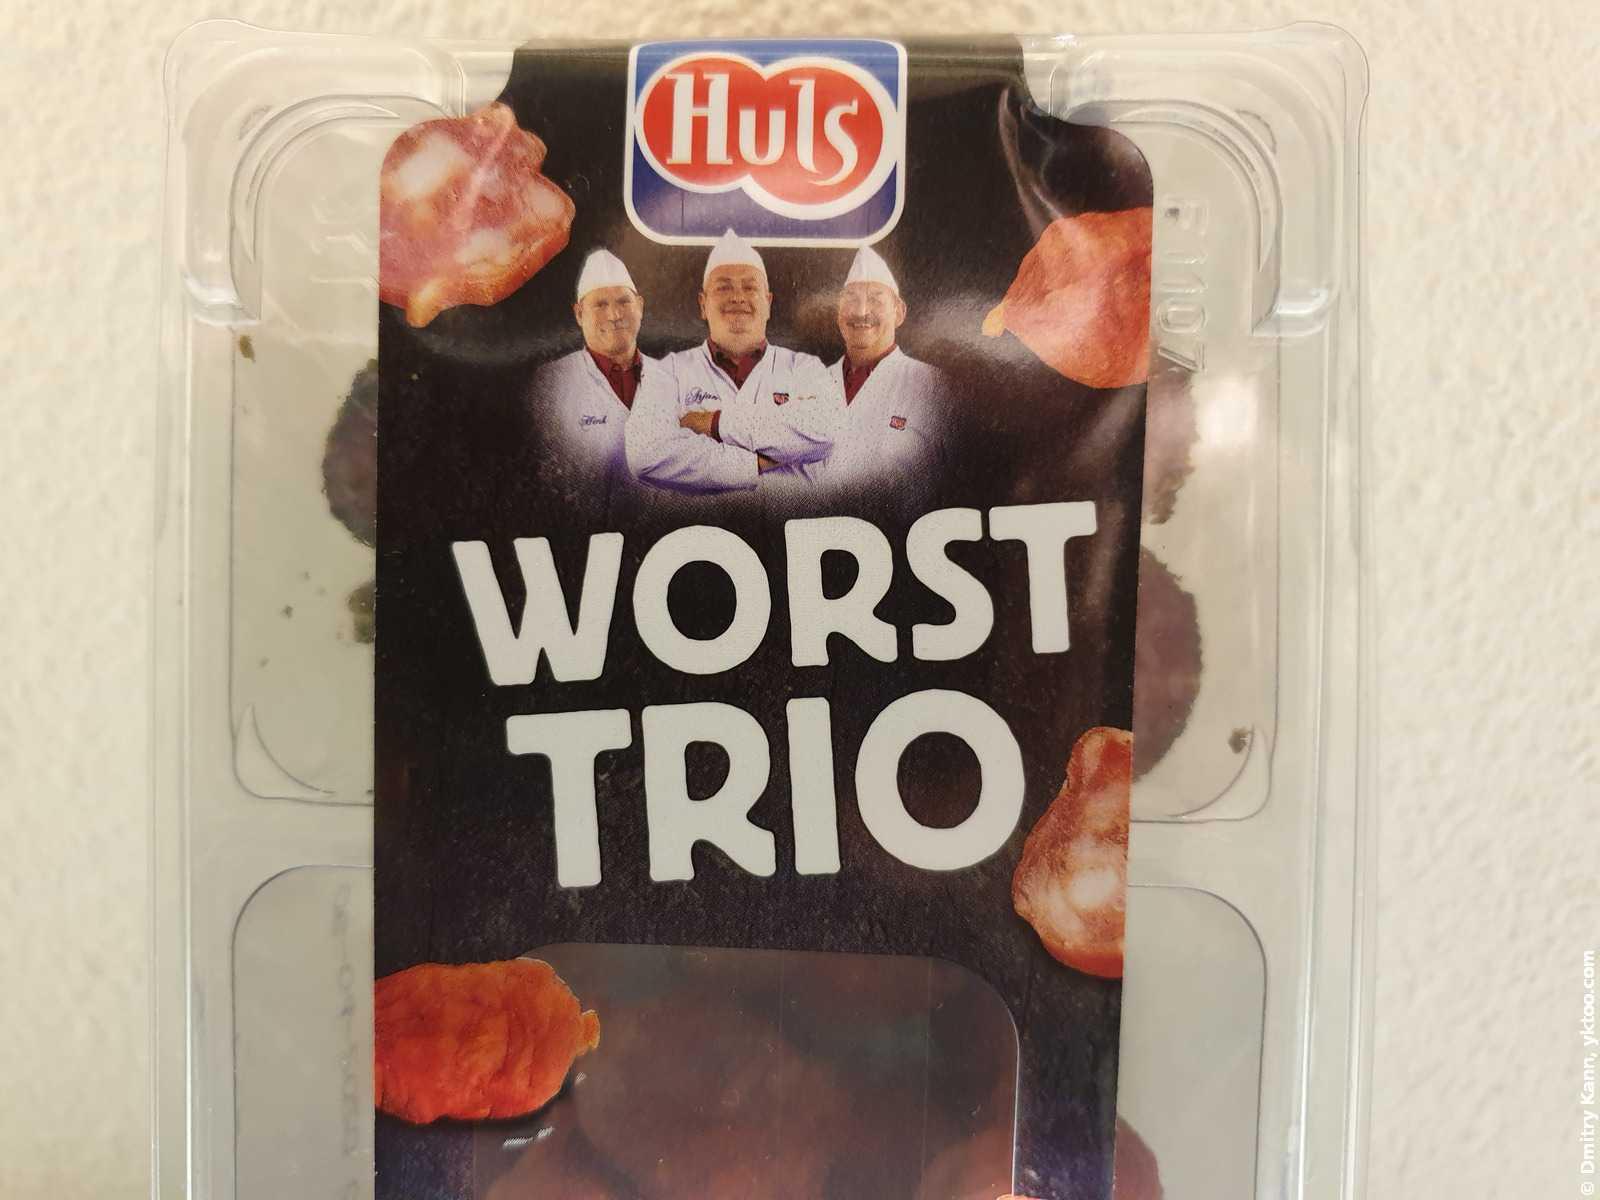 Worst trio.